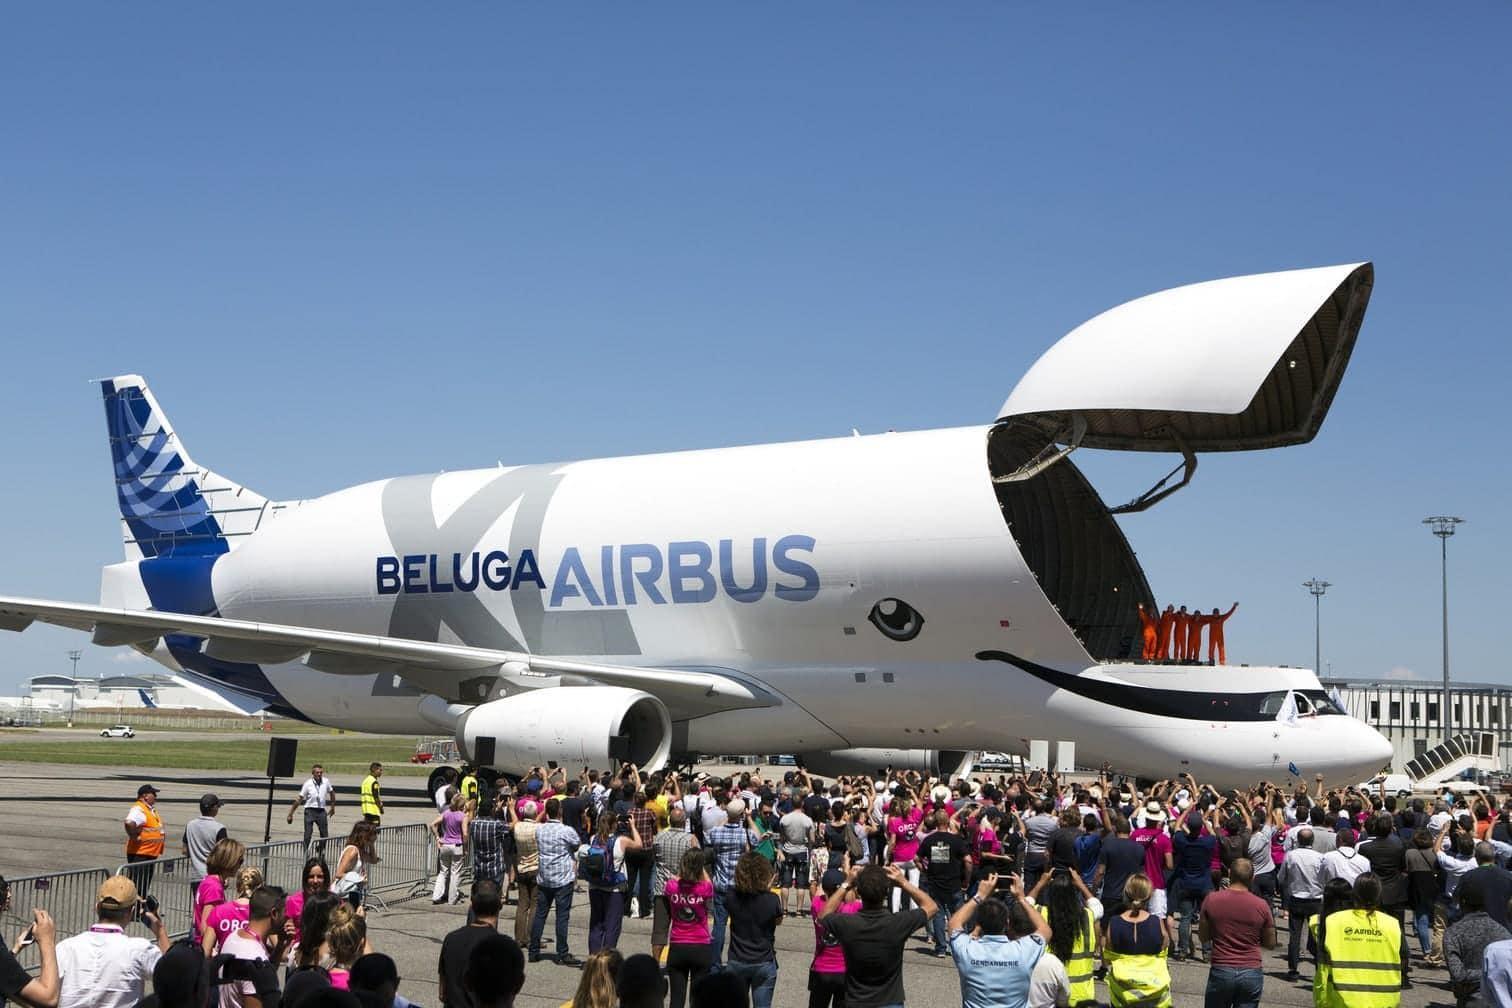 <p>Gegenüber seinem Vorgänger ist die XL-Version sechs Meter länger und einen Meter breiter. Damit können künftig zwei Tragflächen eines A350 statt wie bislang nur eine transportiert werden.</p> Foto: dpa